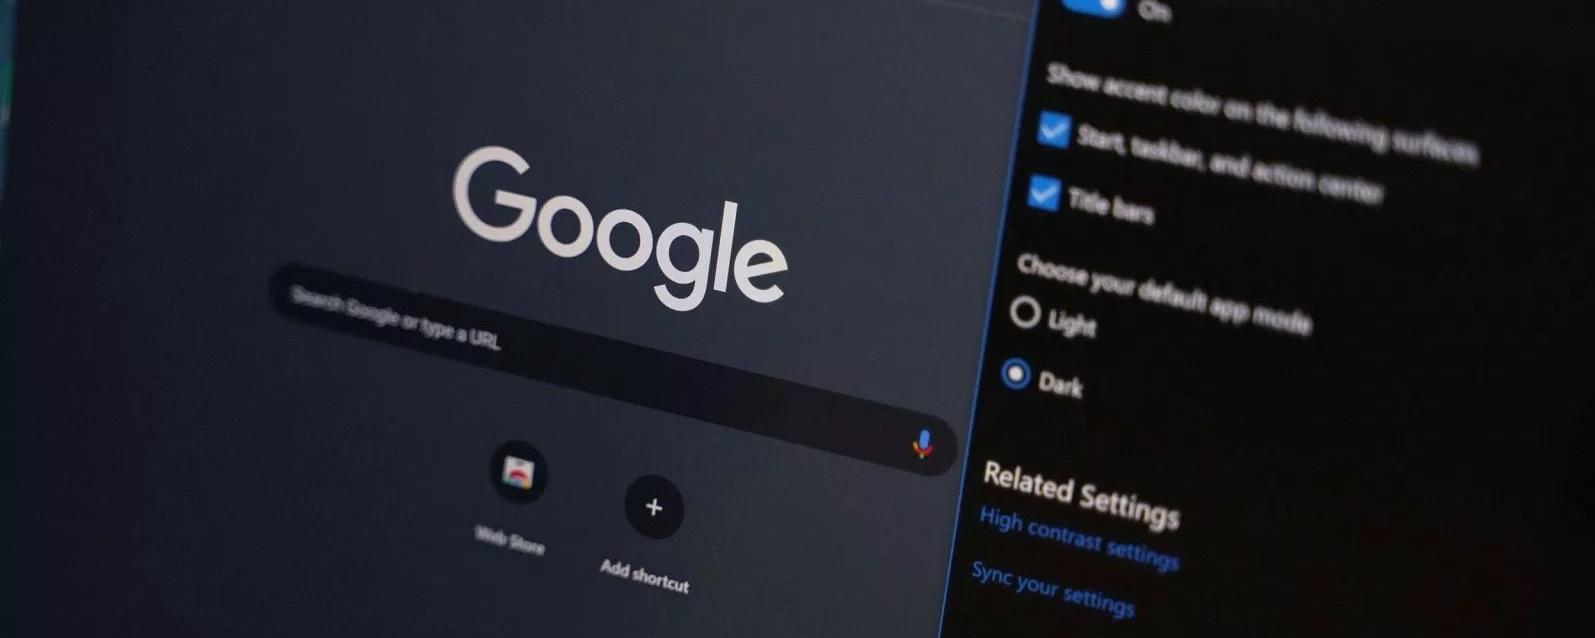 Modo noturno do Chrome chega à versão estável do navegador